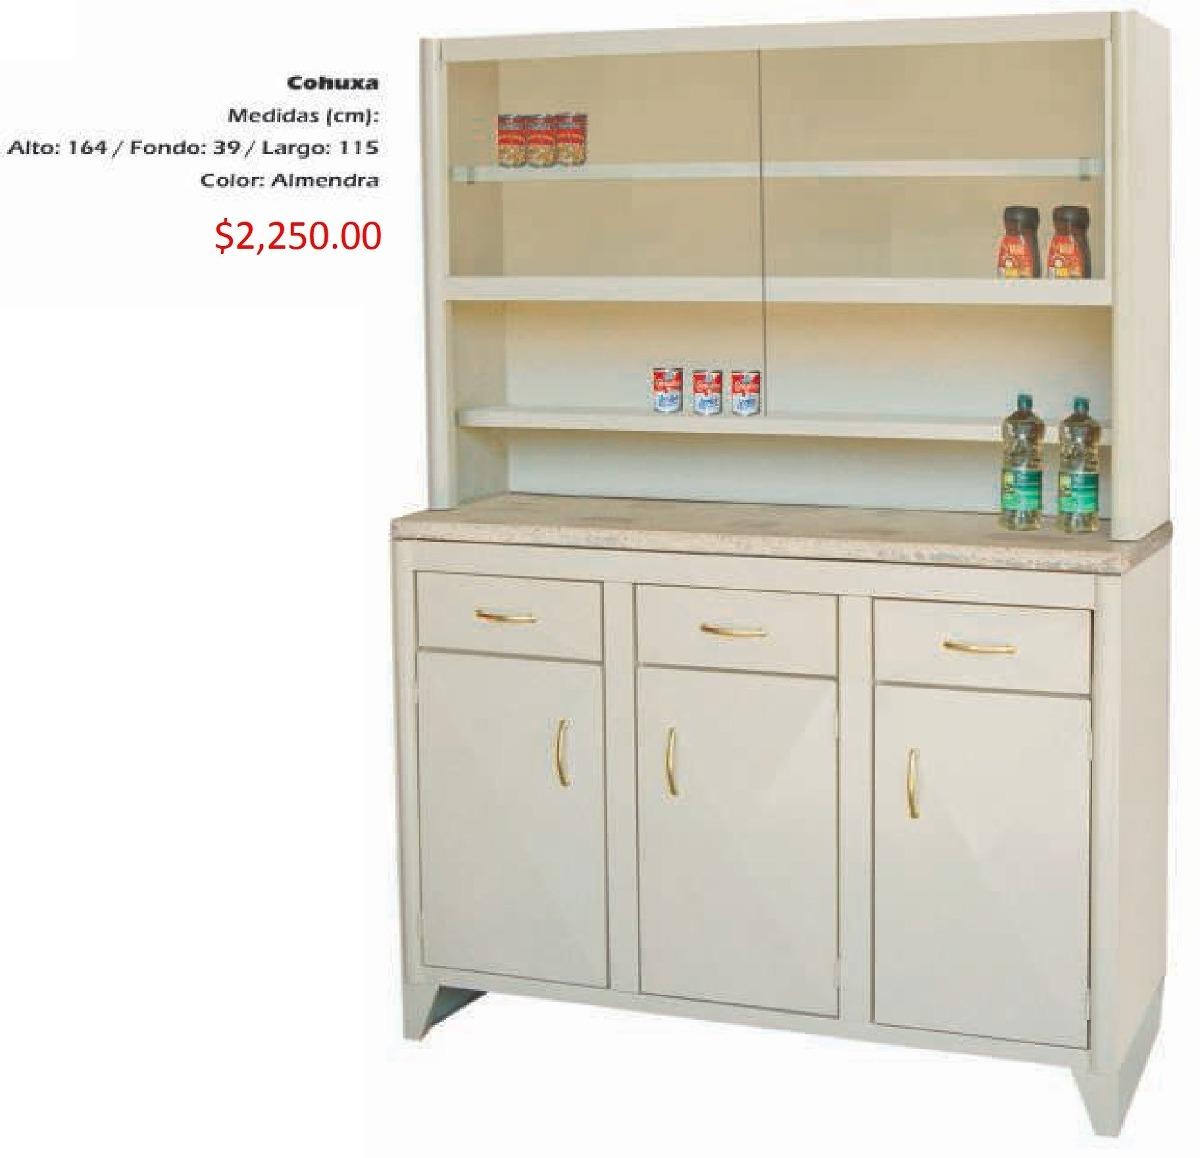 Mueble Para Cocina Modelo Cohuxa 2 En Mercado Libre